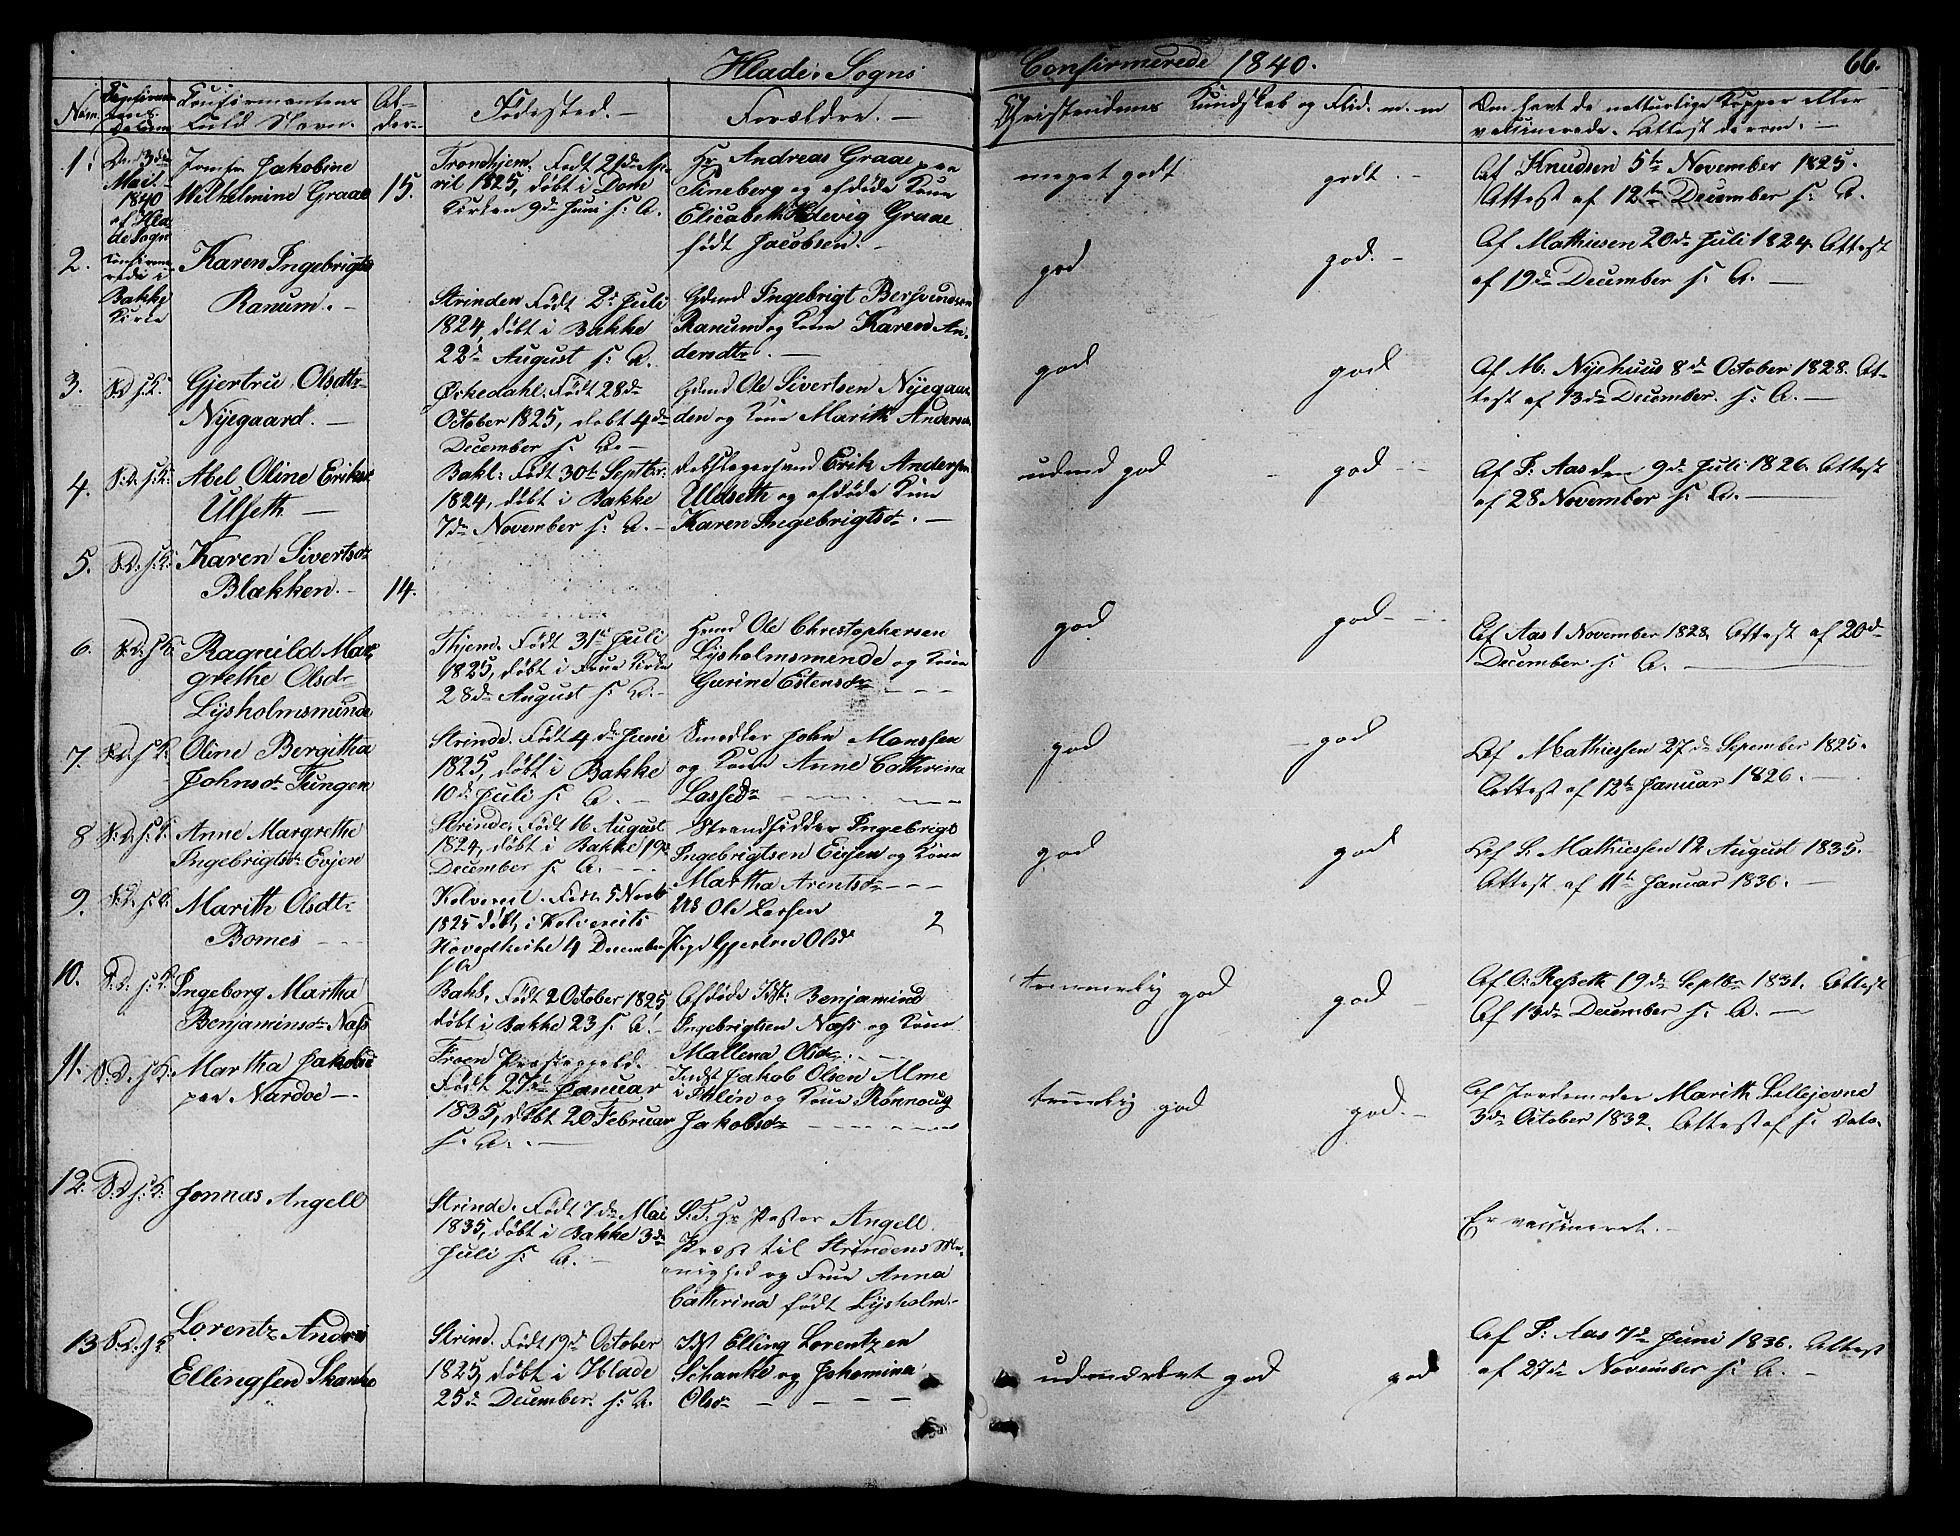 SAT, Ministerialprotokoller, klokkerbøker og fødselsregistre - Sør-Trøndelag, 606/L0308: Klokkerbok nr. 606C04, 1829-1840, s. 66